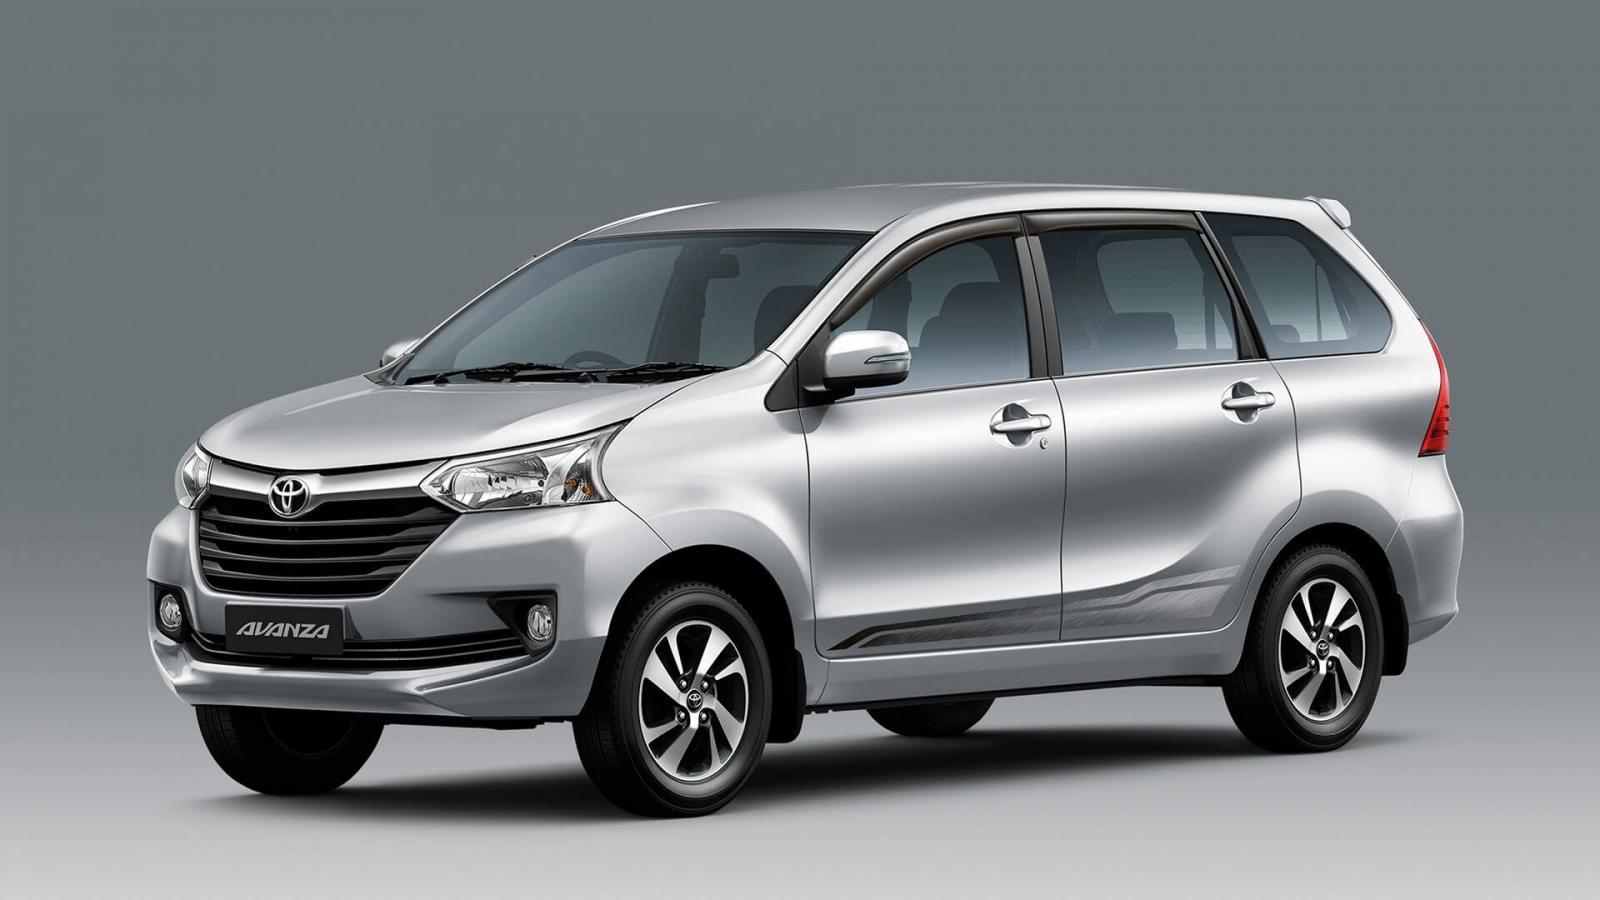 Toyota Avanza 2020 precio en México